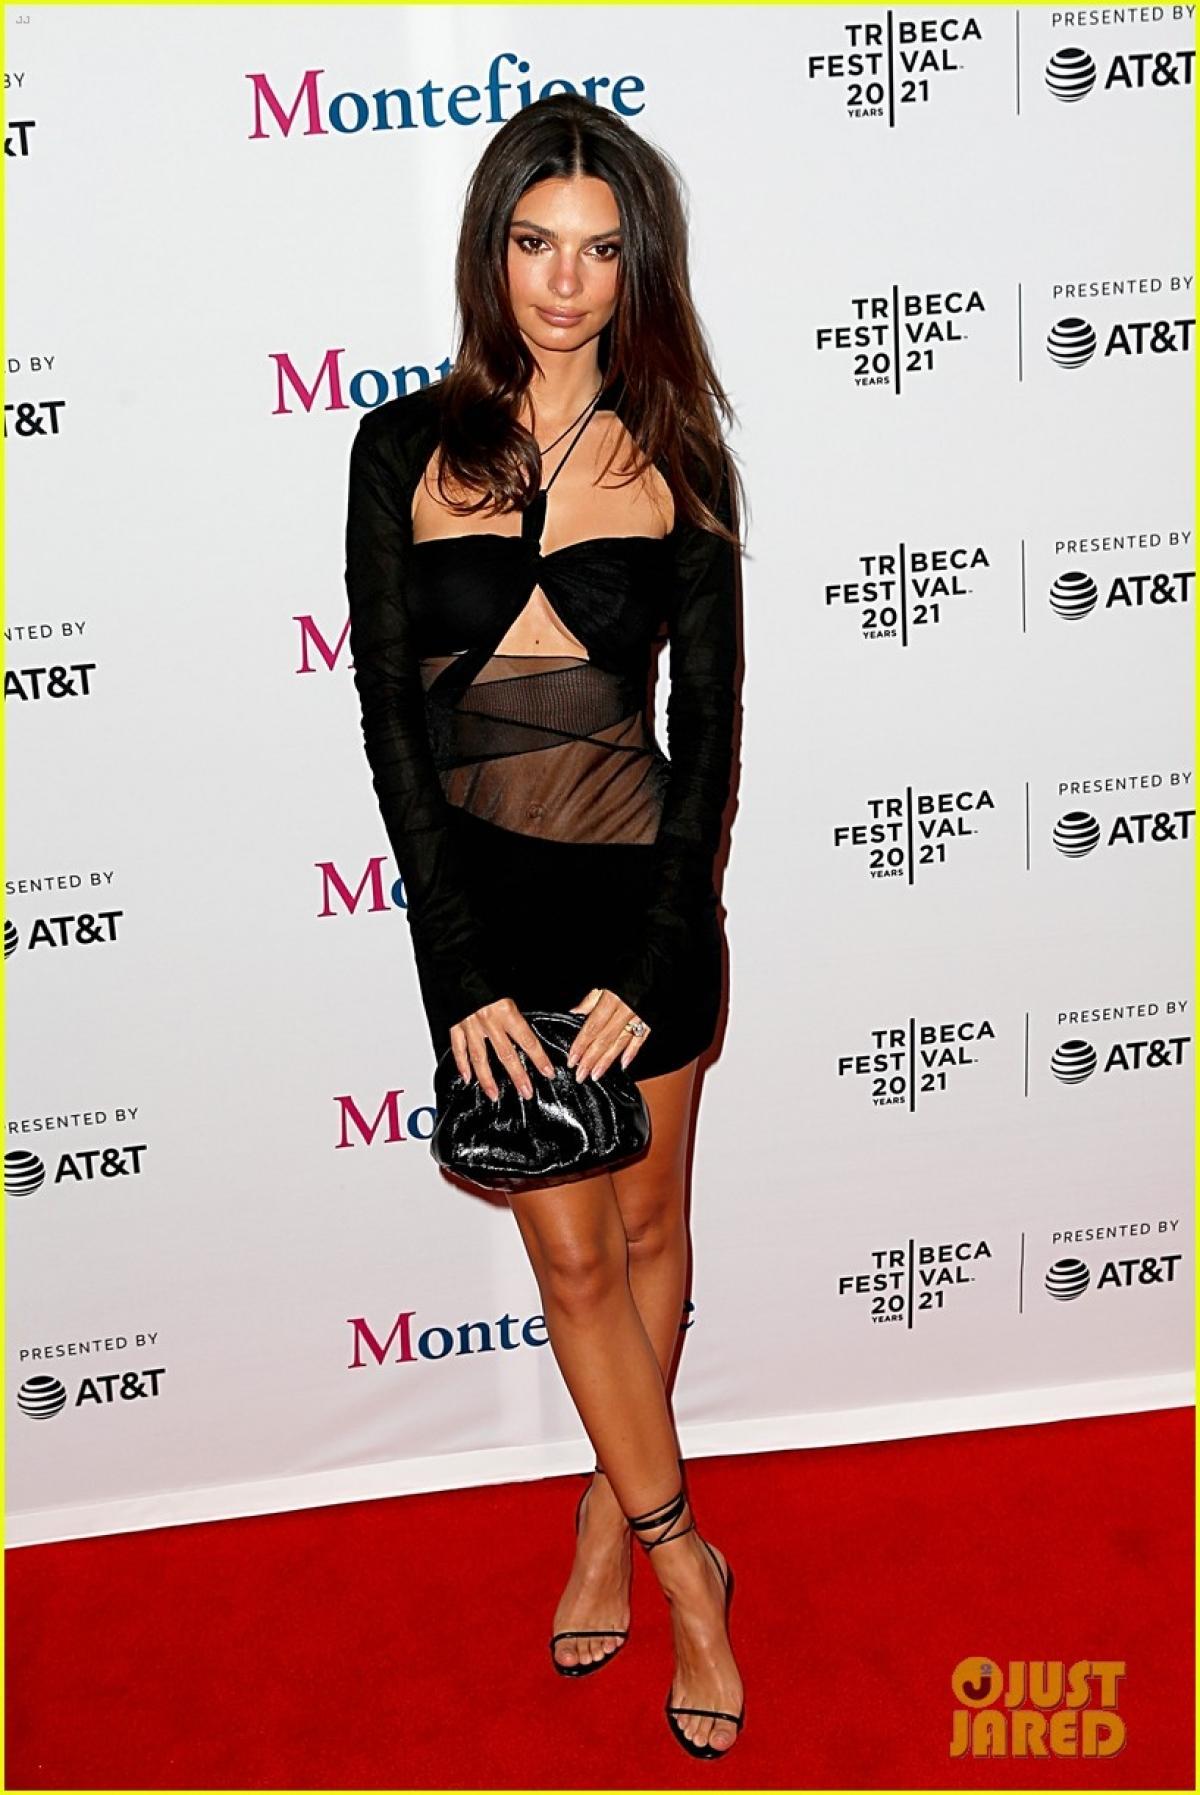 Emily Ratajakowski diện đầm cut-out khoe body quyến rũ tại Liên hoan phim Tribeca 2021 Ảnh 2